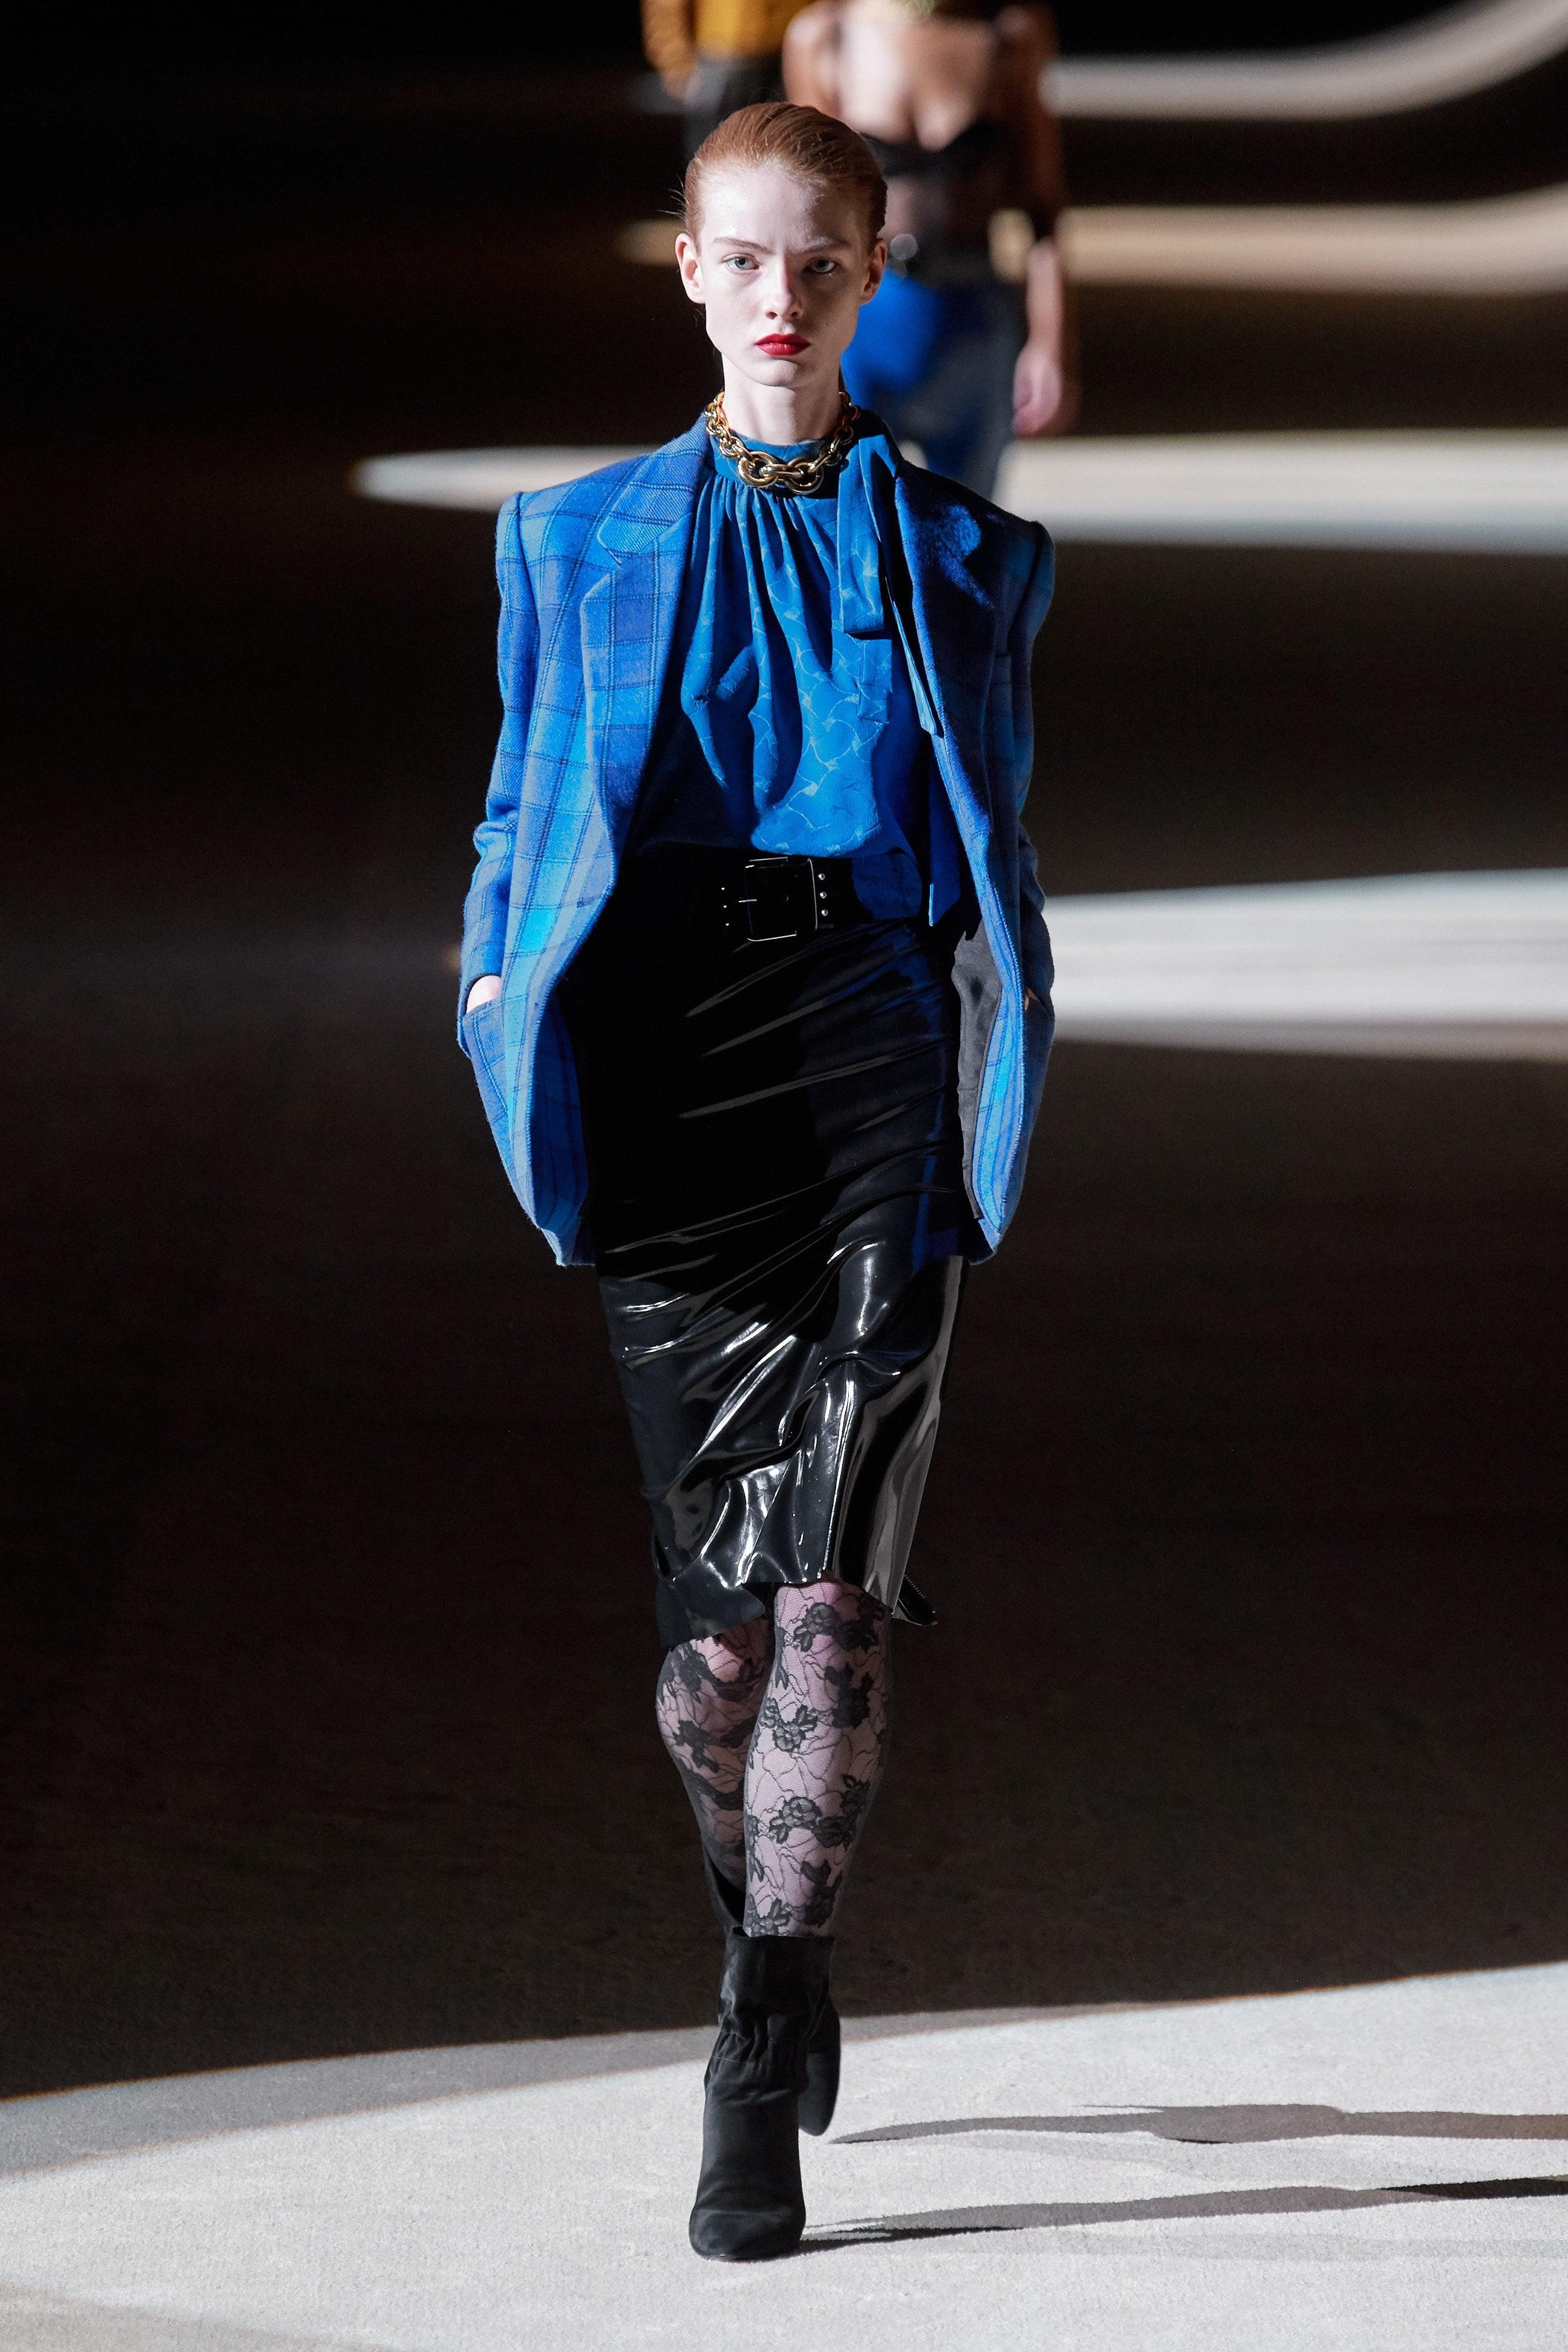 Thời trang nữ quyền của Dior tại Paris Fashion Week - 11